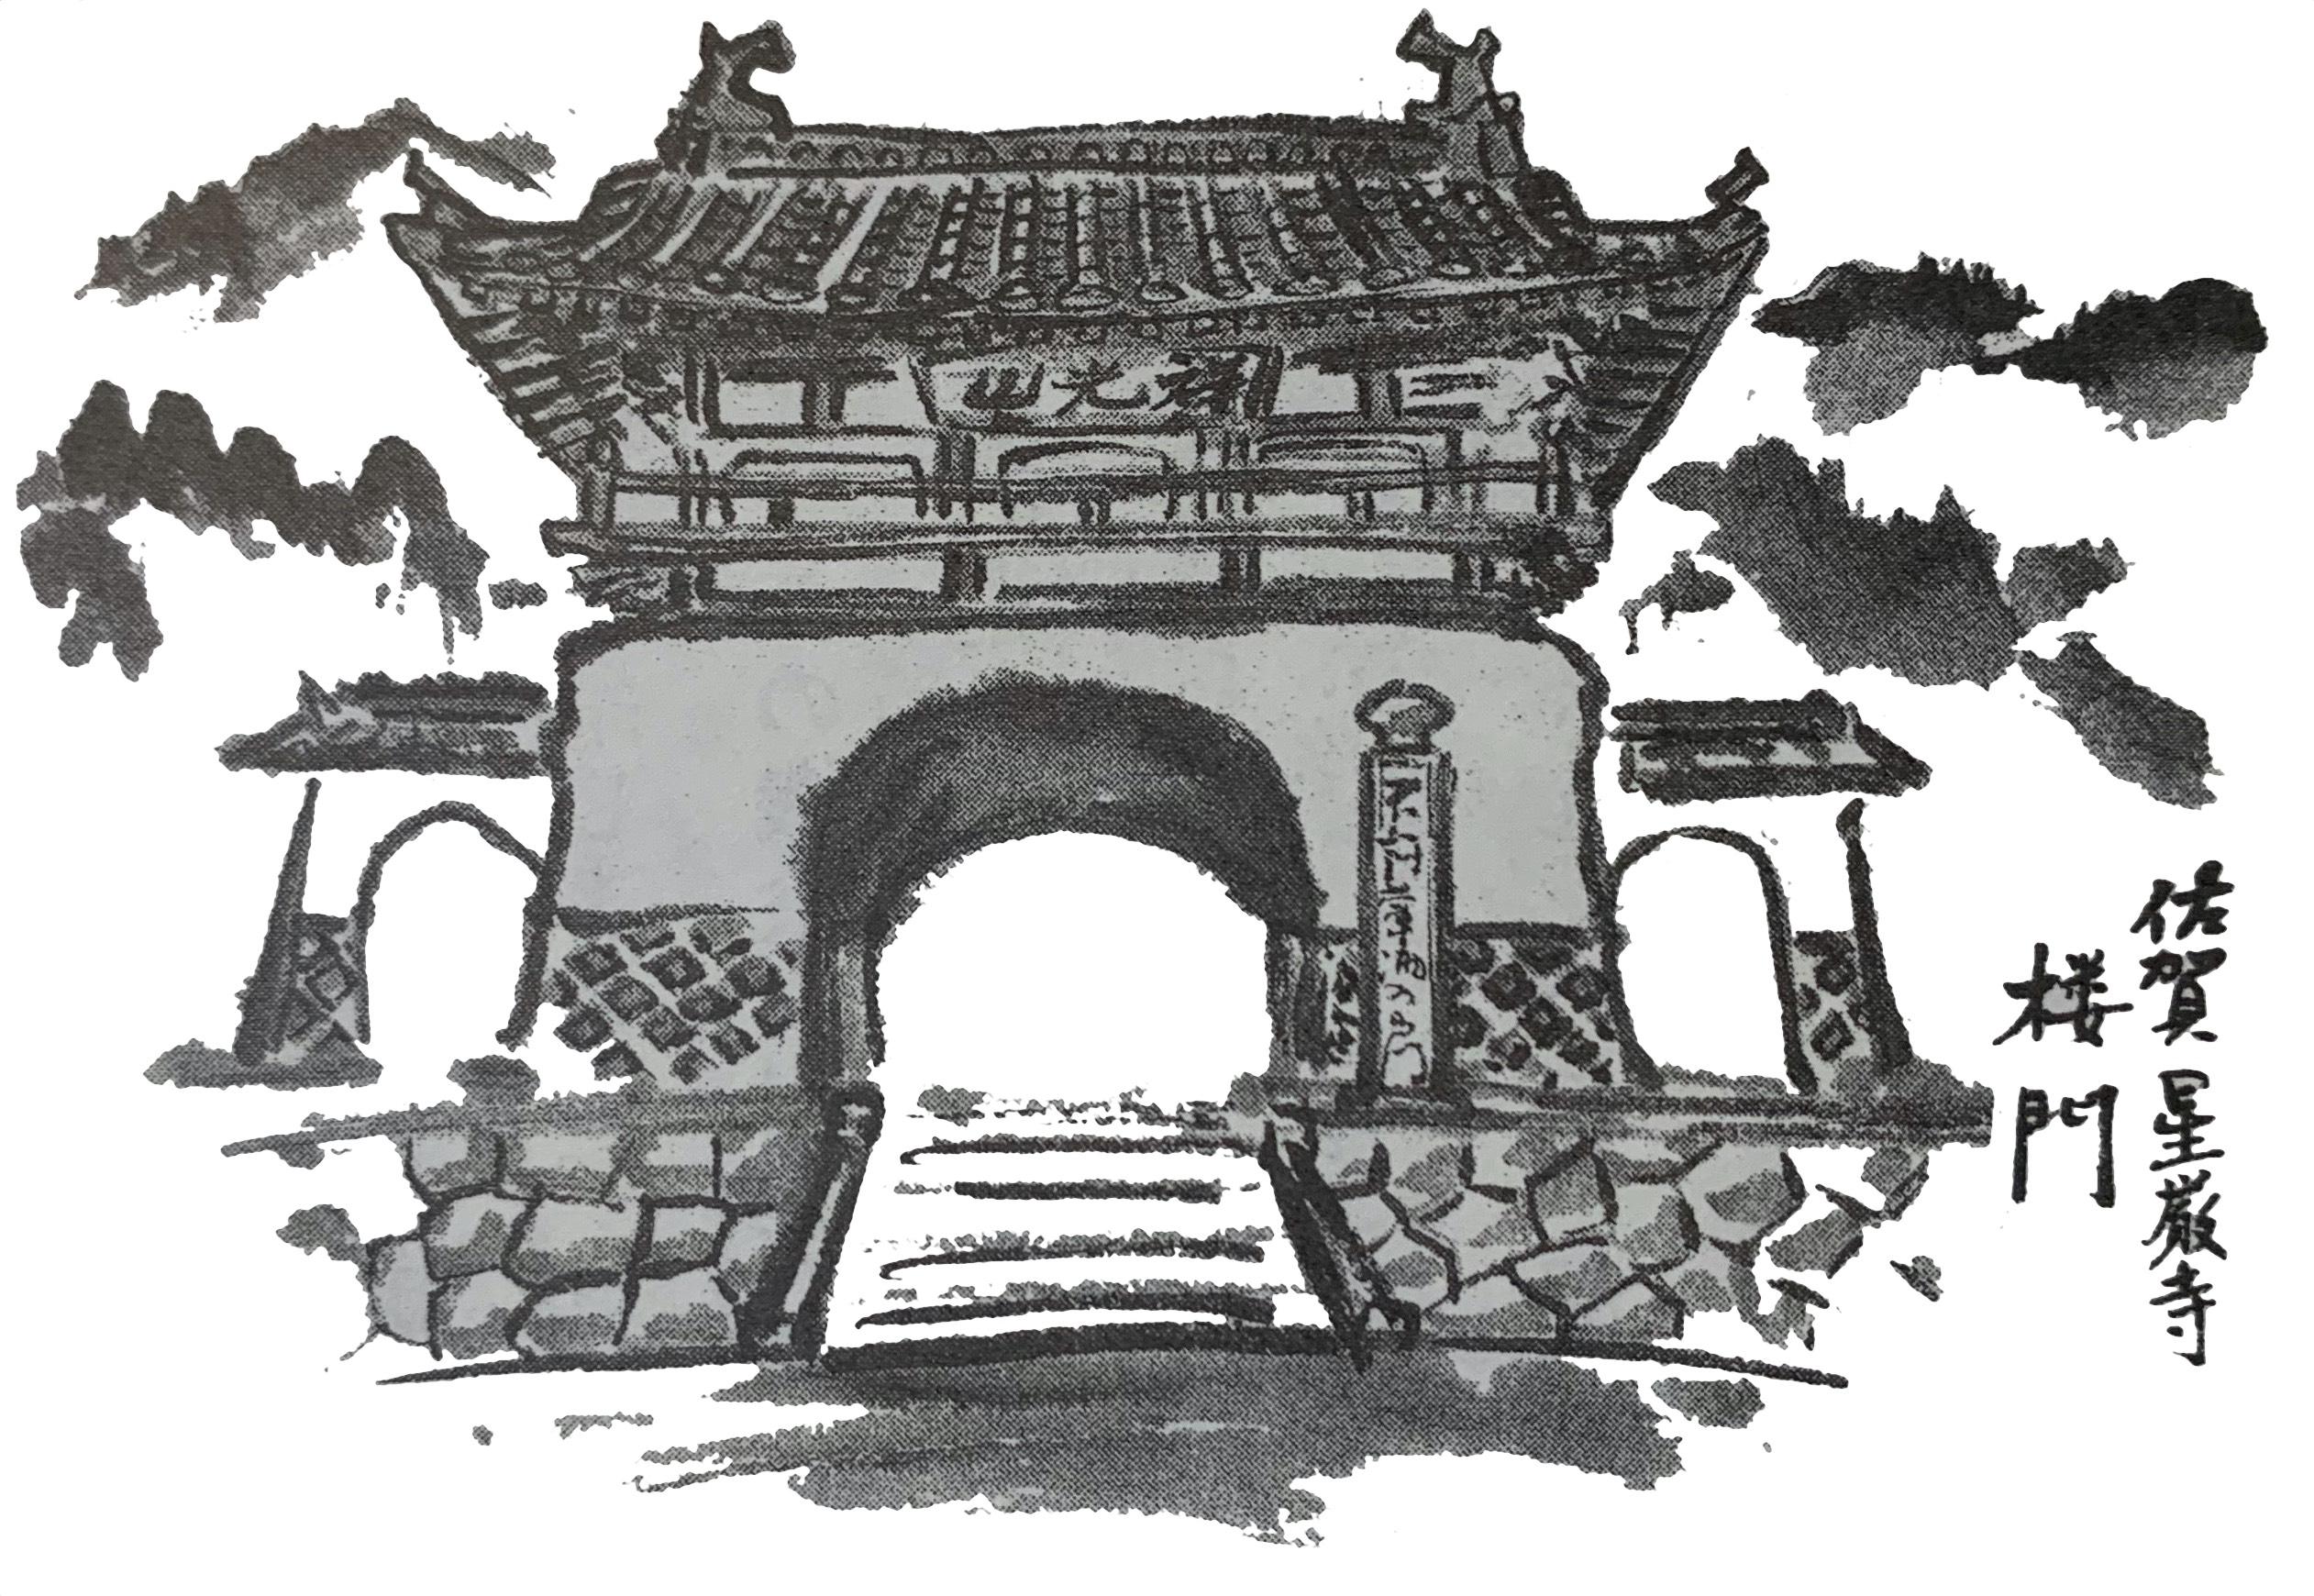 祥光山星巖寺 楼門